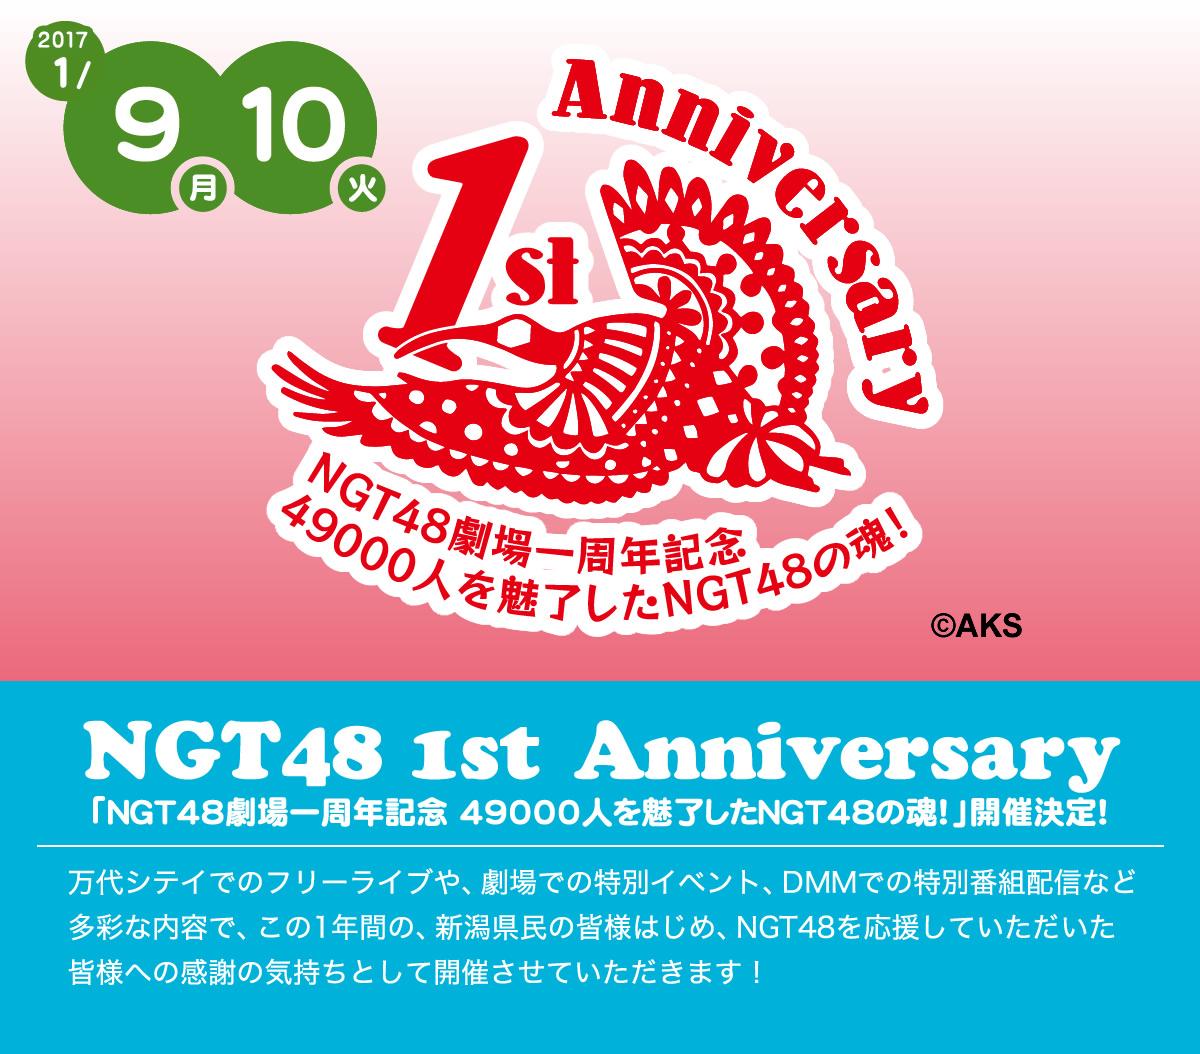 NGT48 1周年 特設サイト